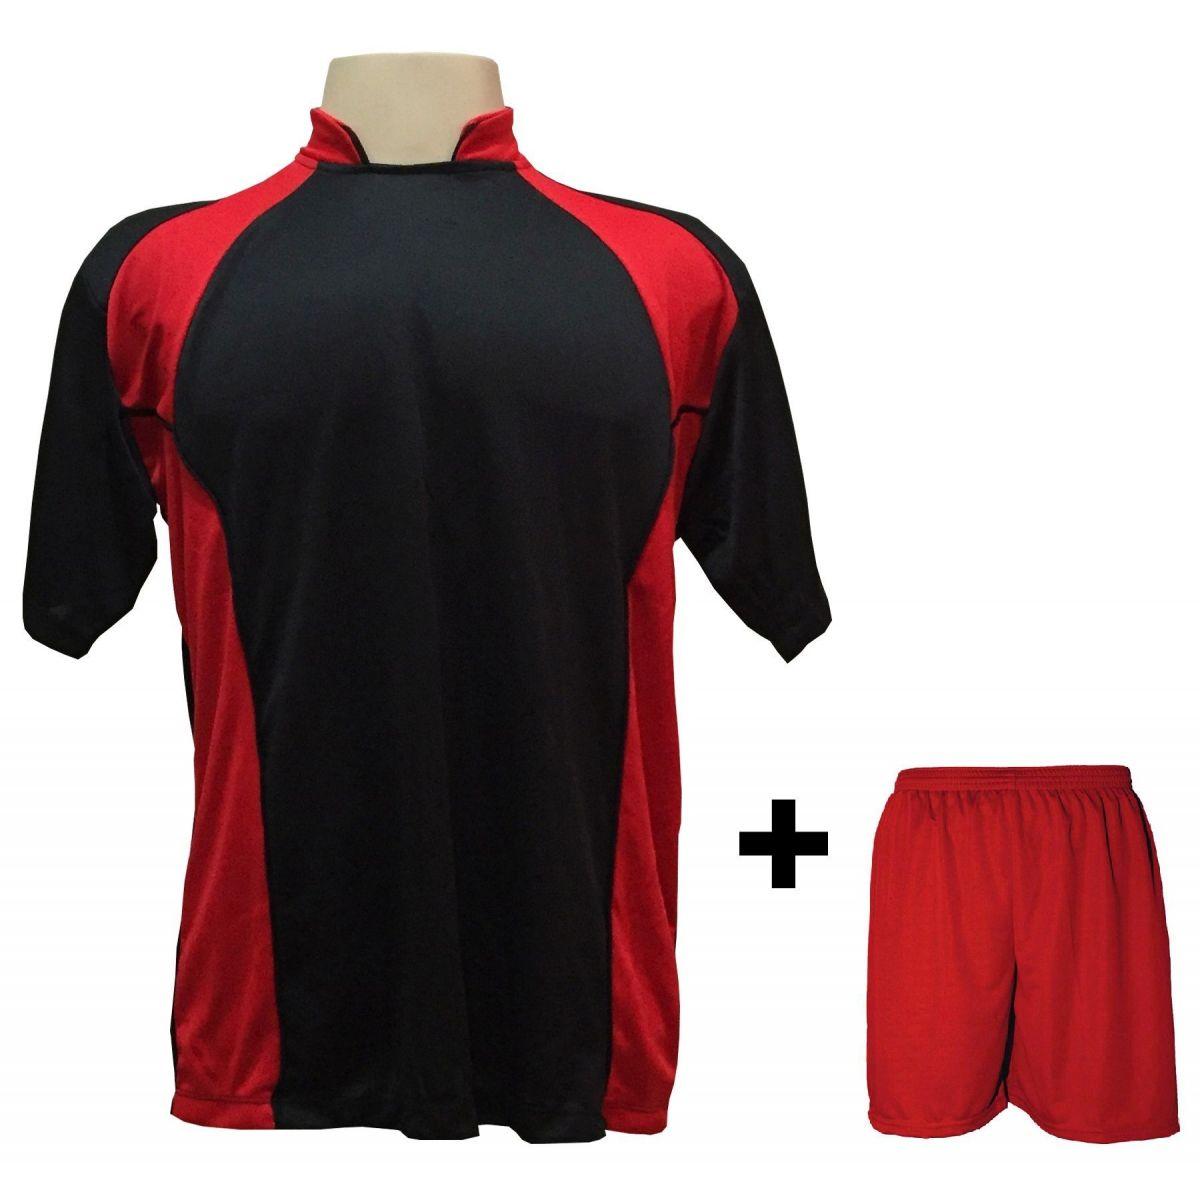 uniformes de futebol 38fa39144501c